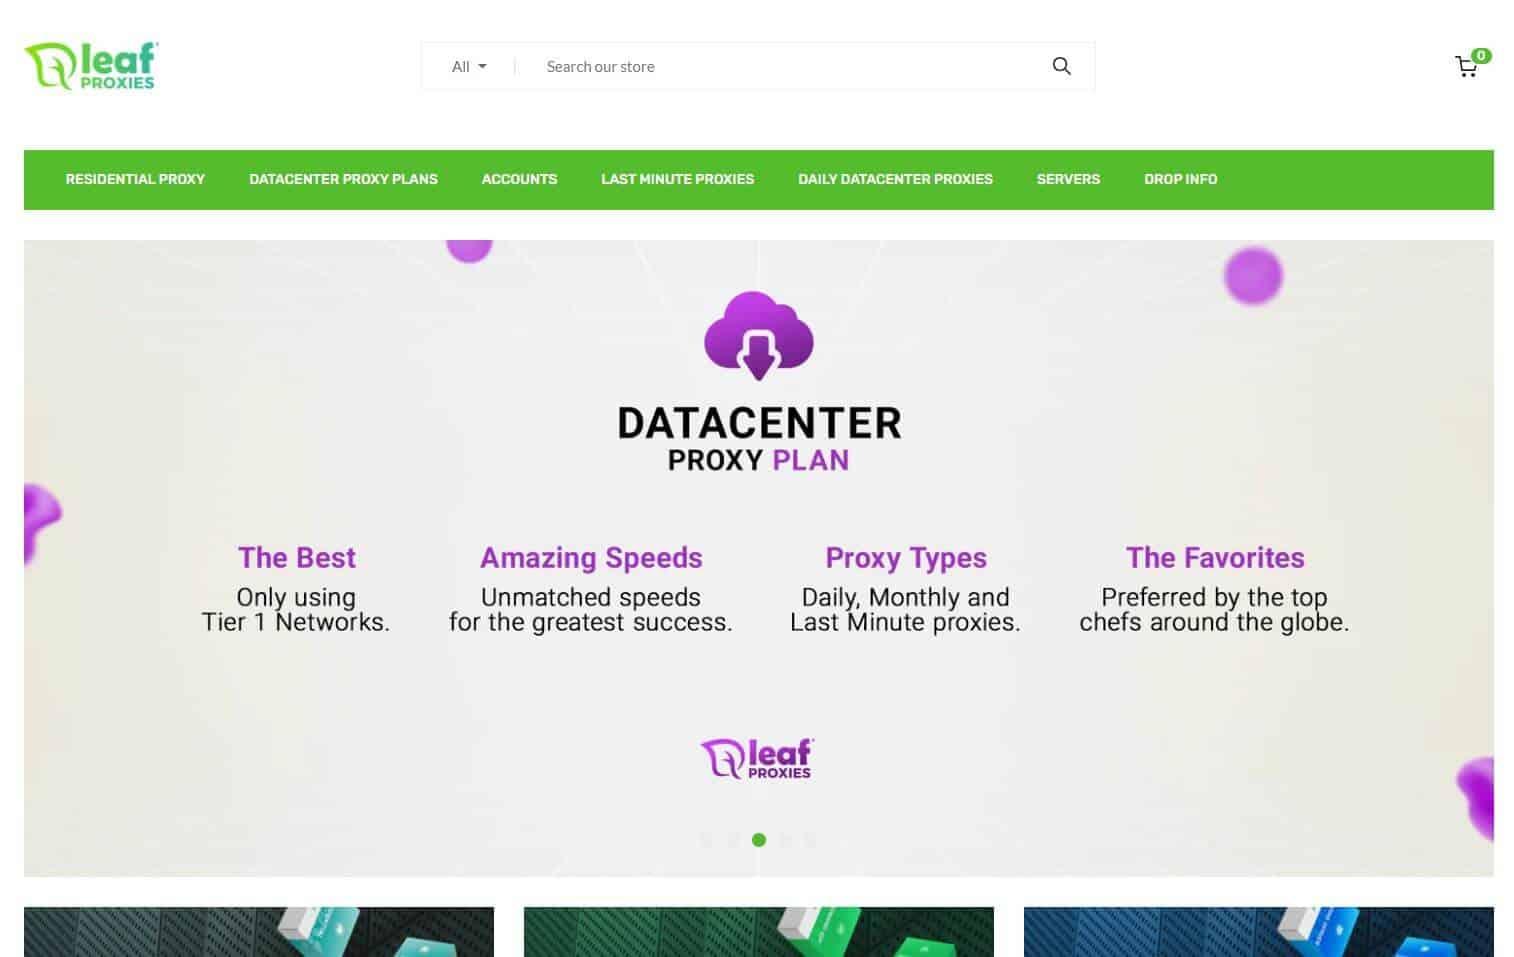 A screenshot of Leaf Proxies' homepage